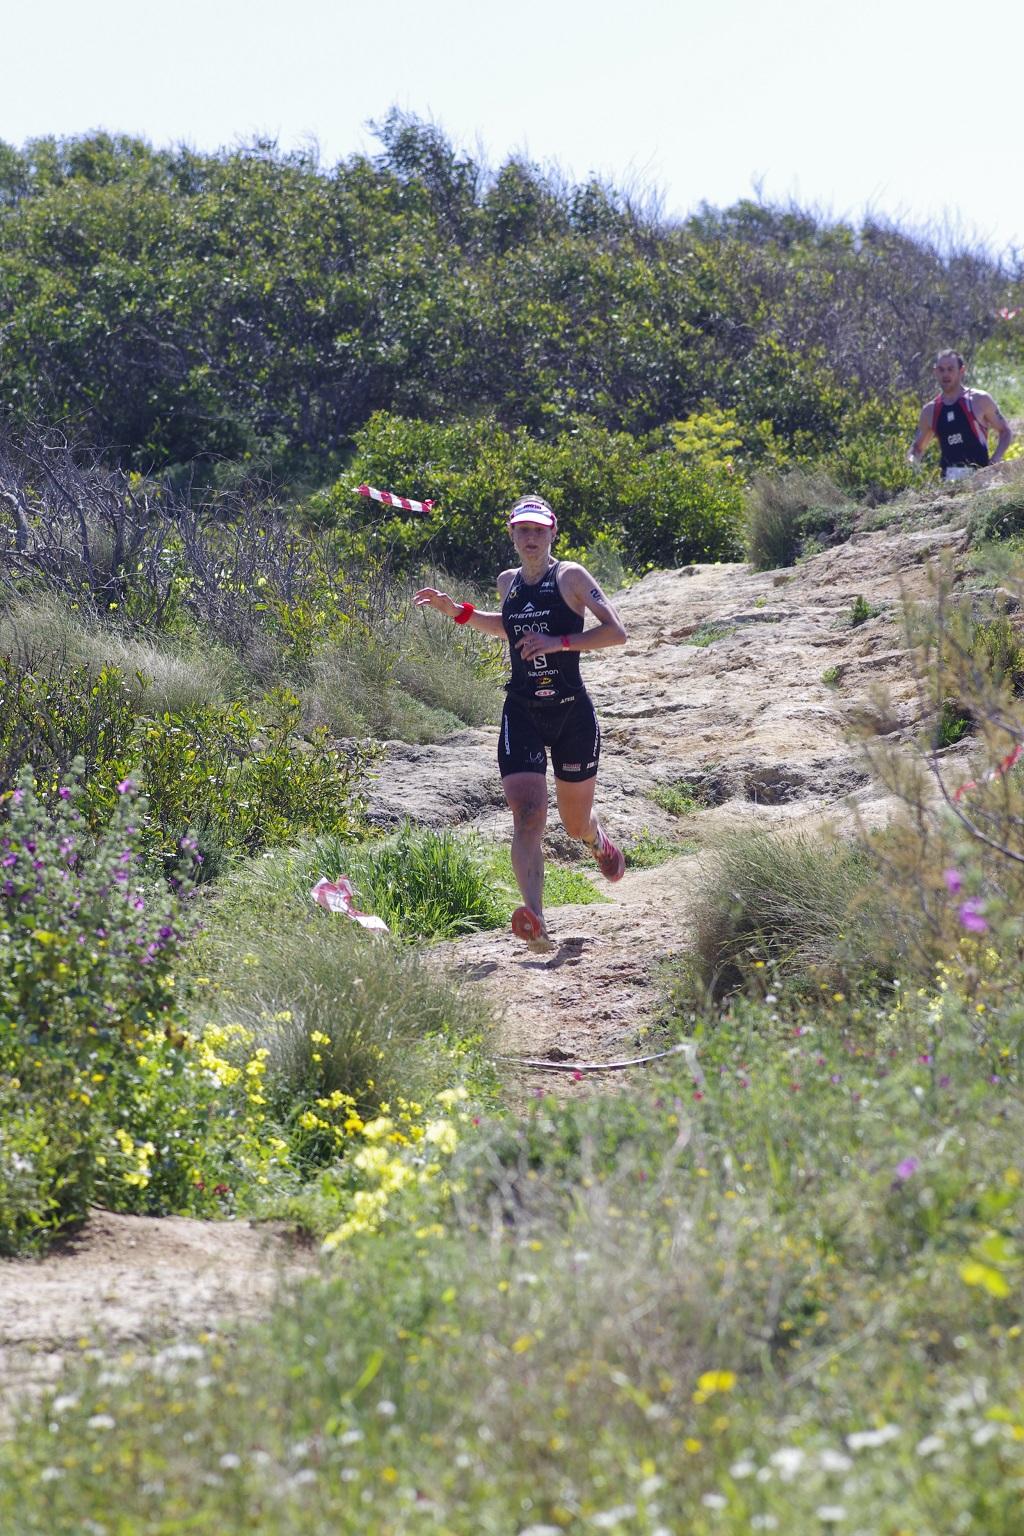 Poór Brigi az első Xterra Malta triatlon verseny közben. Forrás: Máltai Idegenforgalmi Hivatal